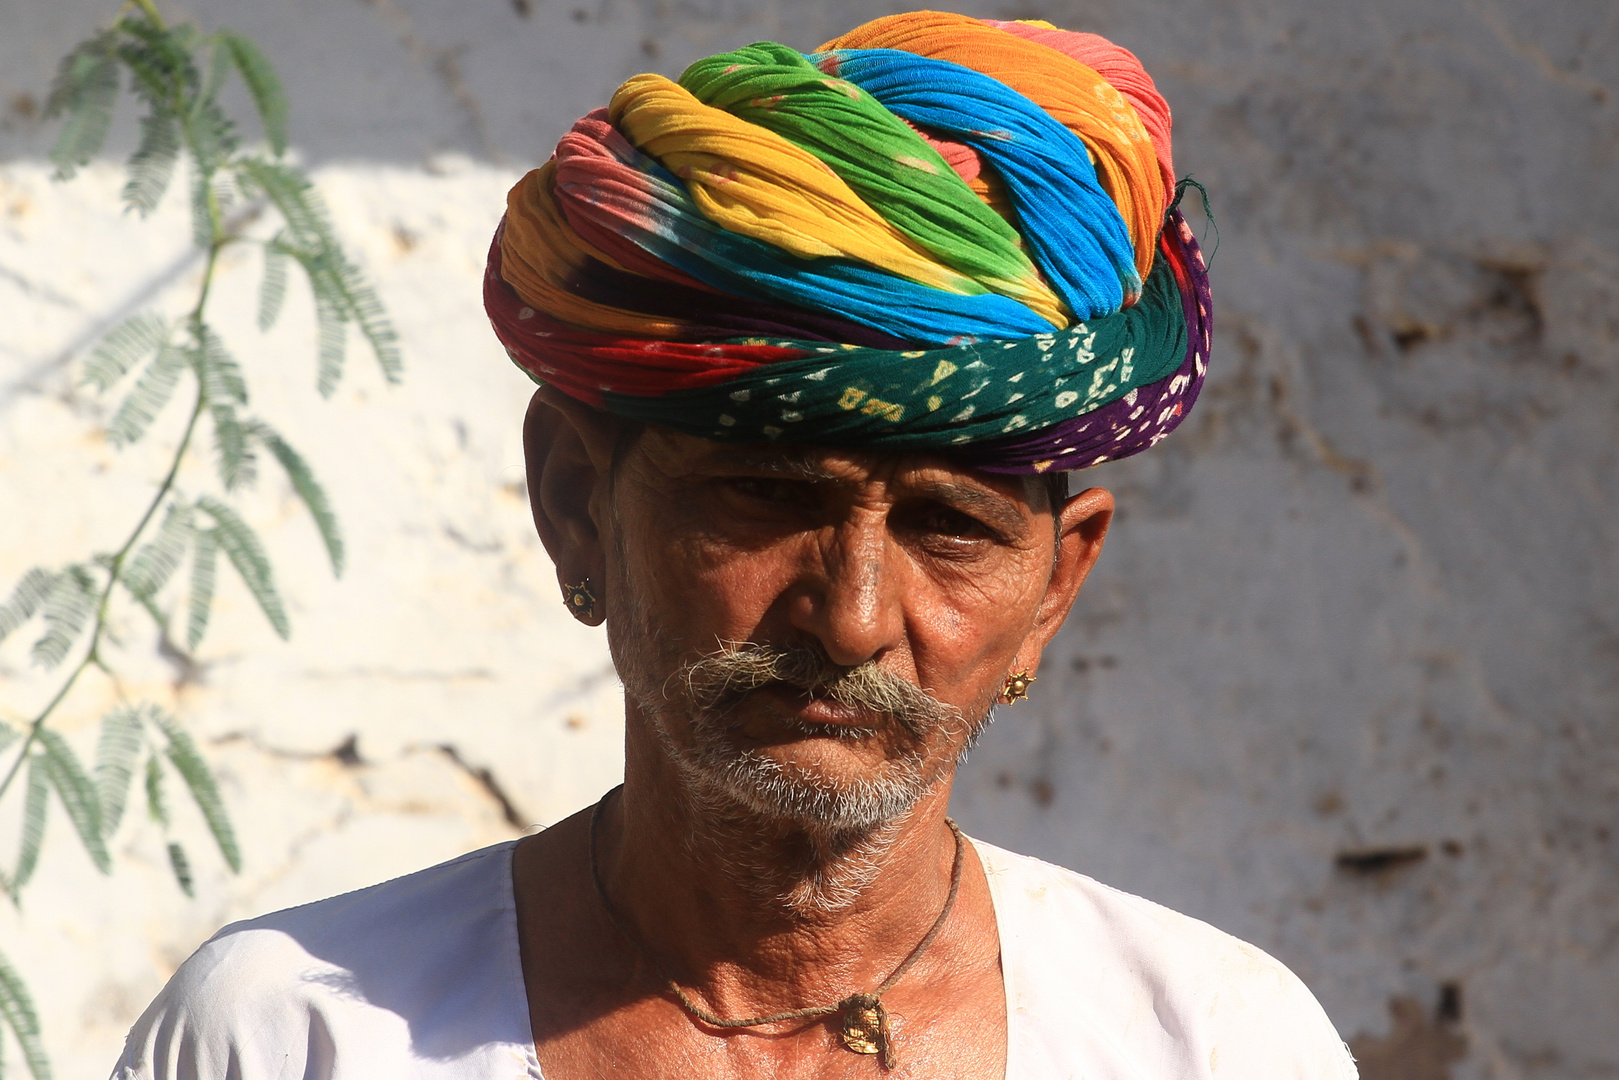 Der Turban des Töpfers